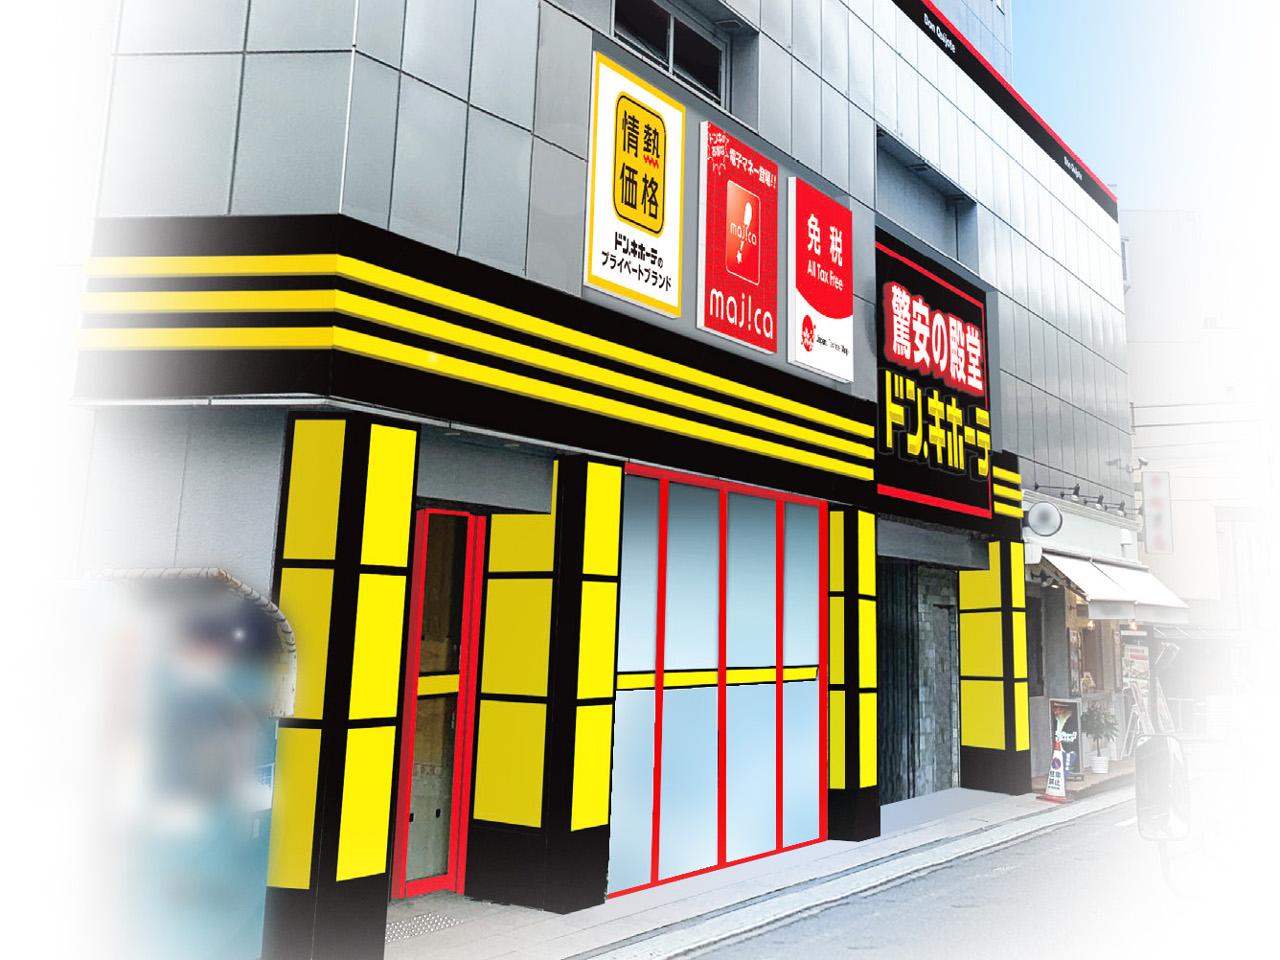 ドンキホーテ下北沢店オープンアイキャッチ1280